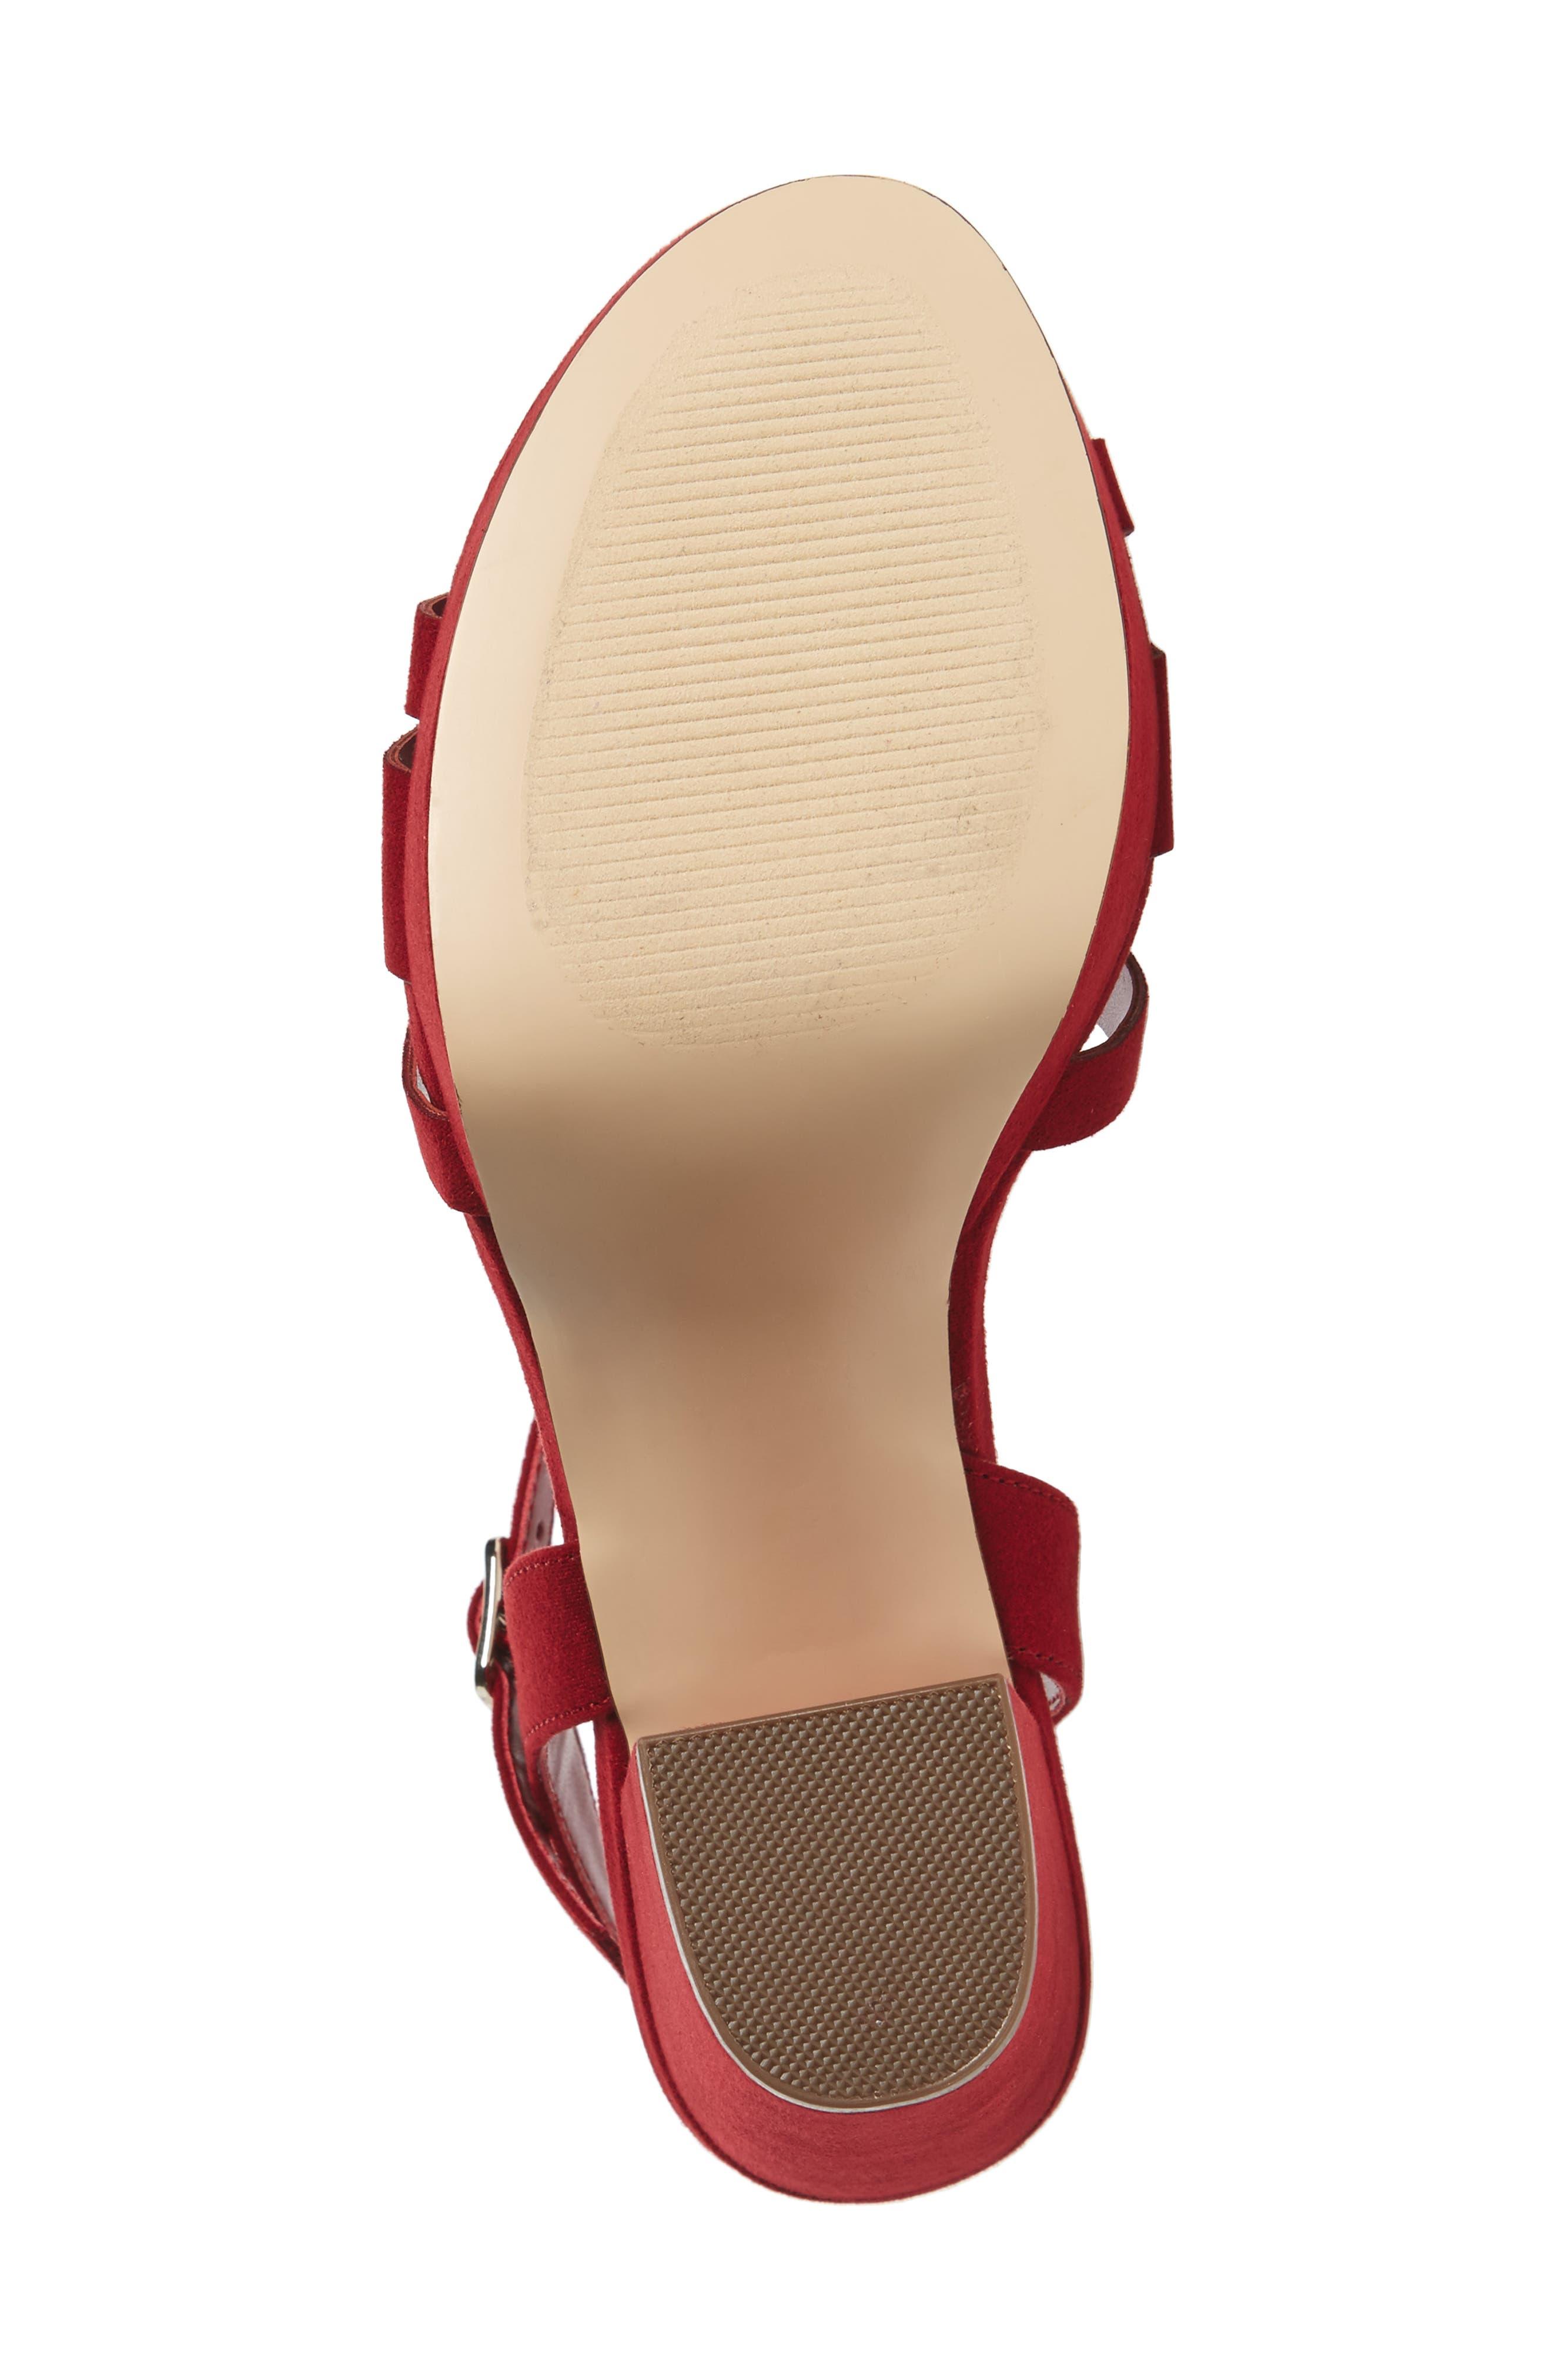 Paxx Platform Sandal,                             Alternate thumbnail 6, color,                             RED FAUX SUEDE